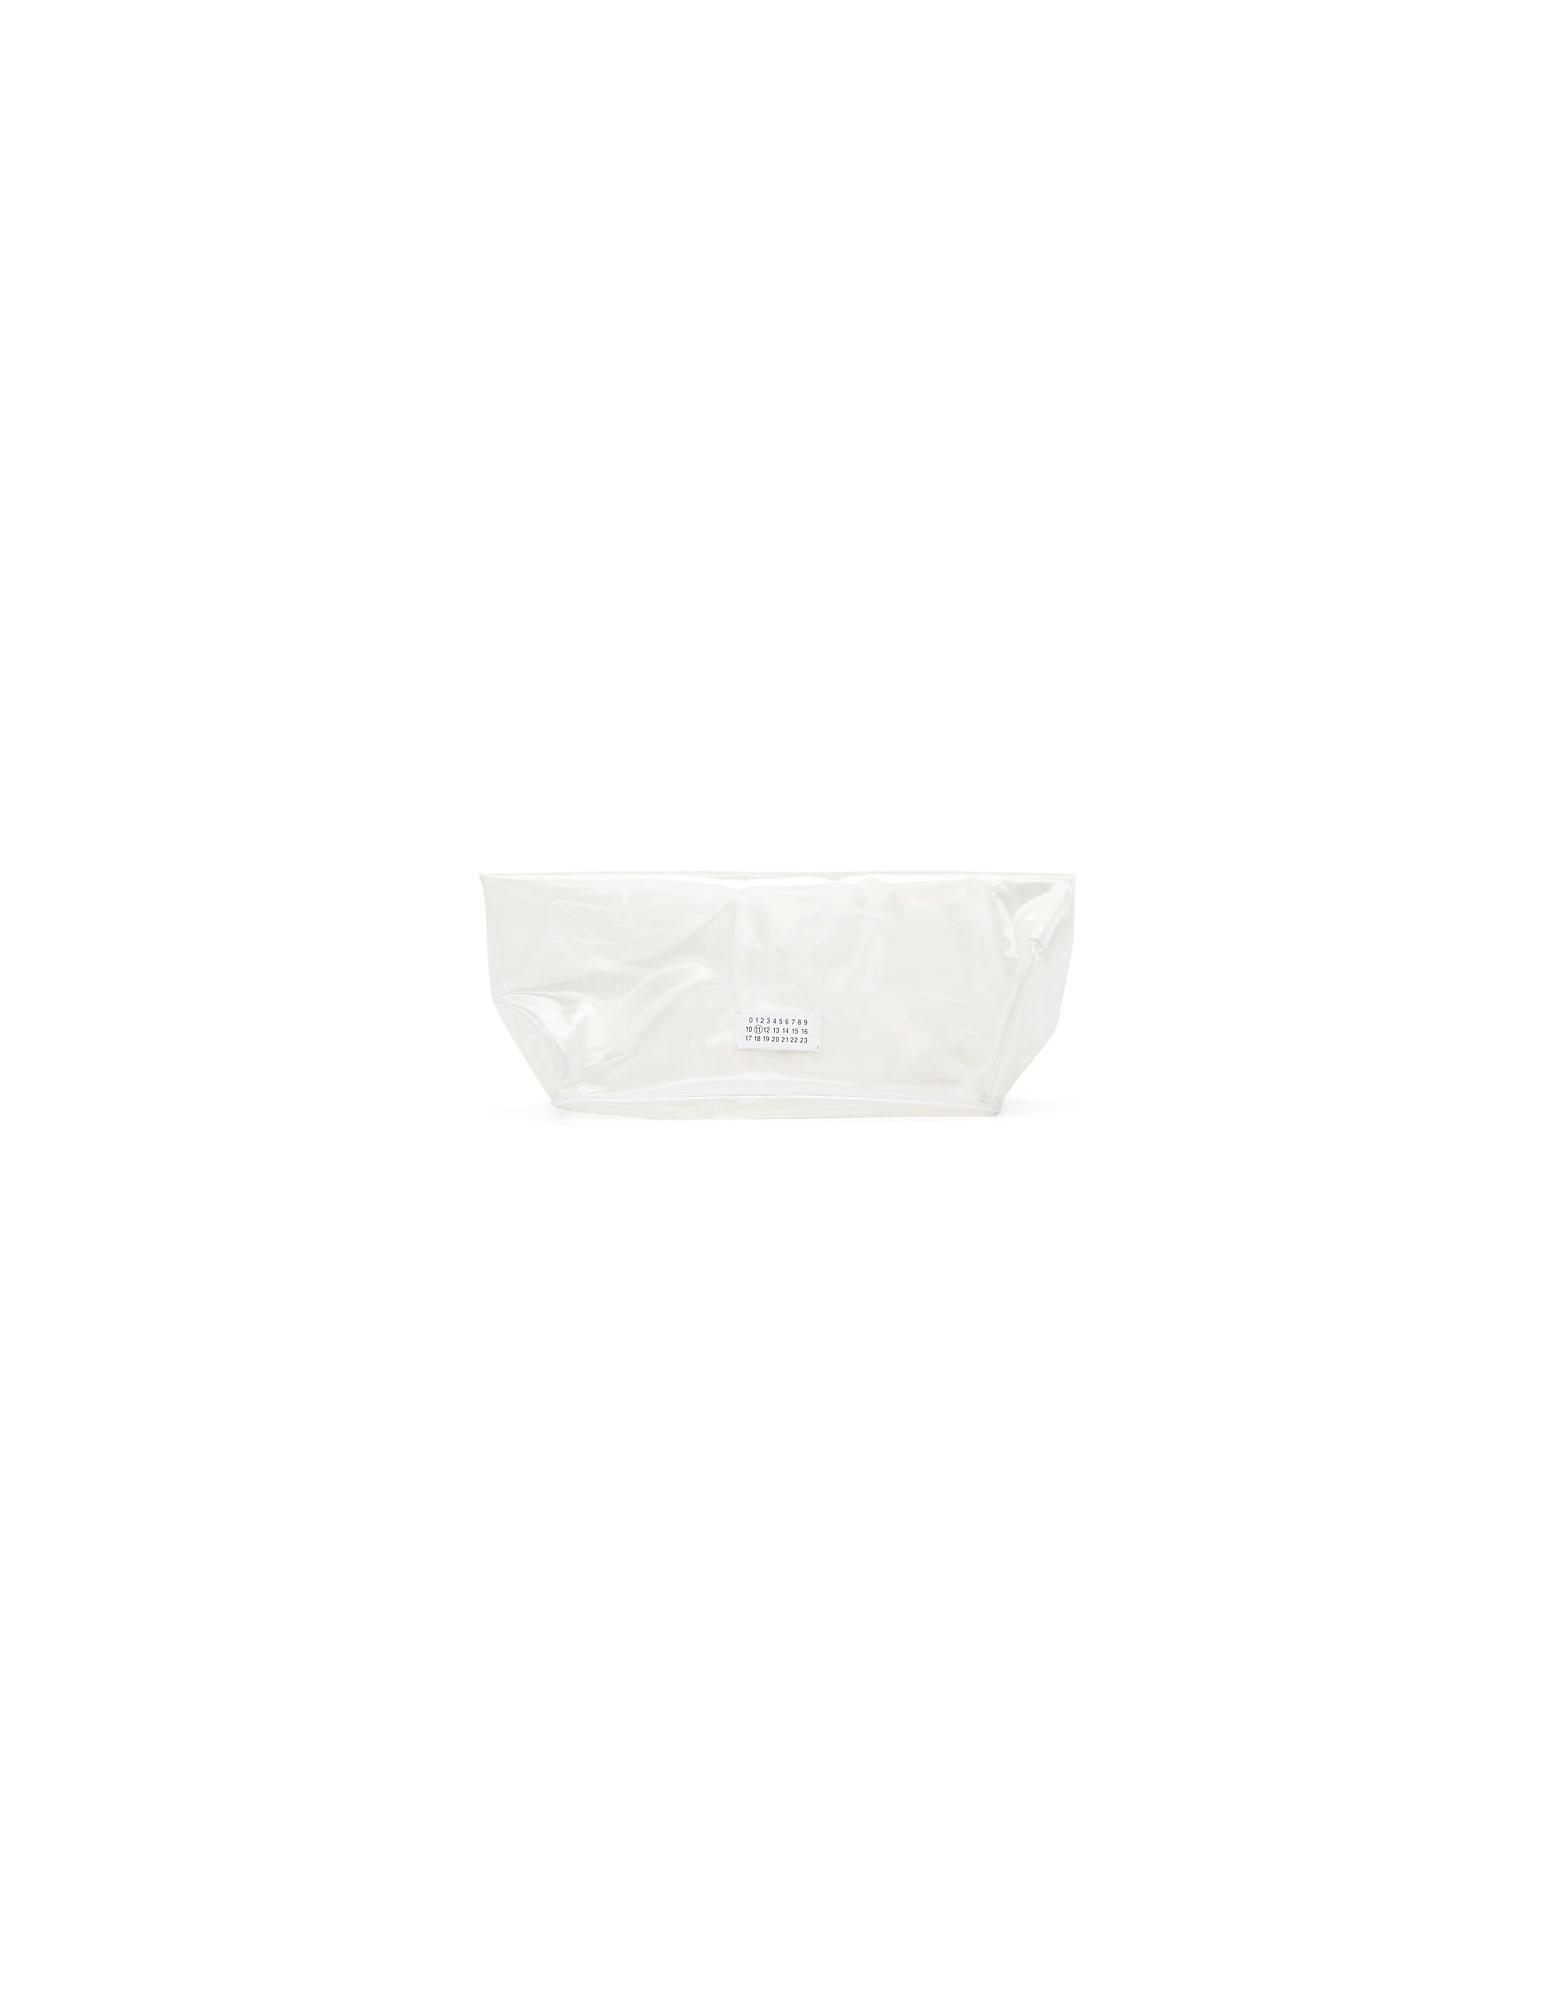 Maison Margiela Designer Handbags, Transparent Velcro Clutch